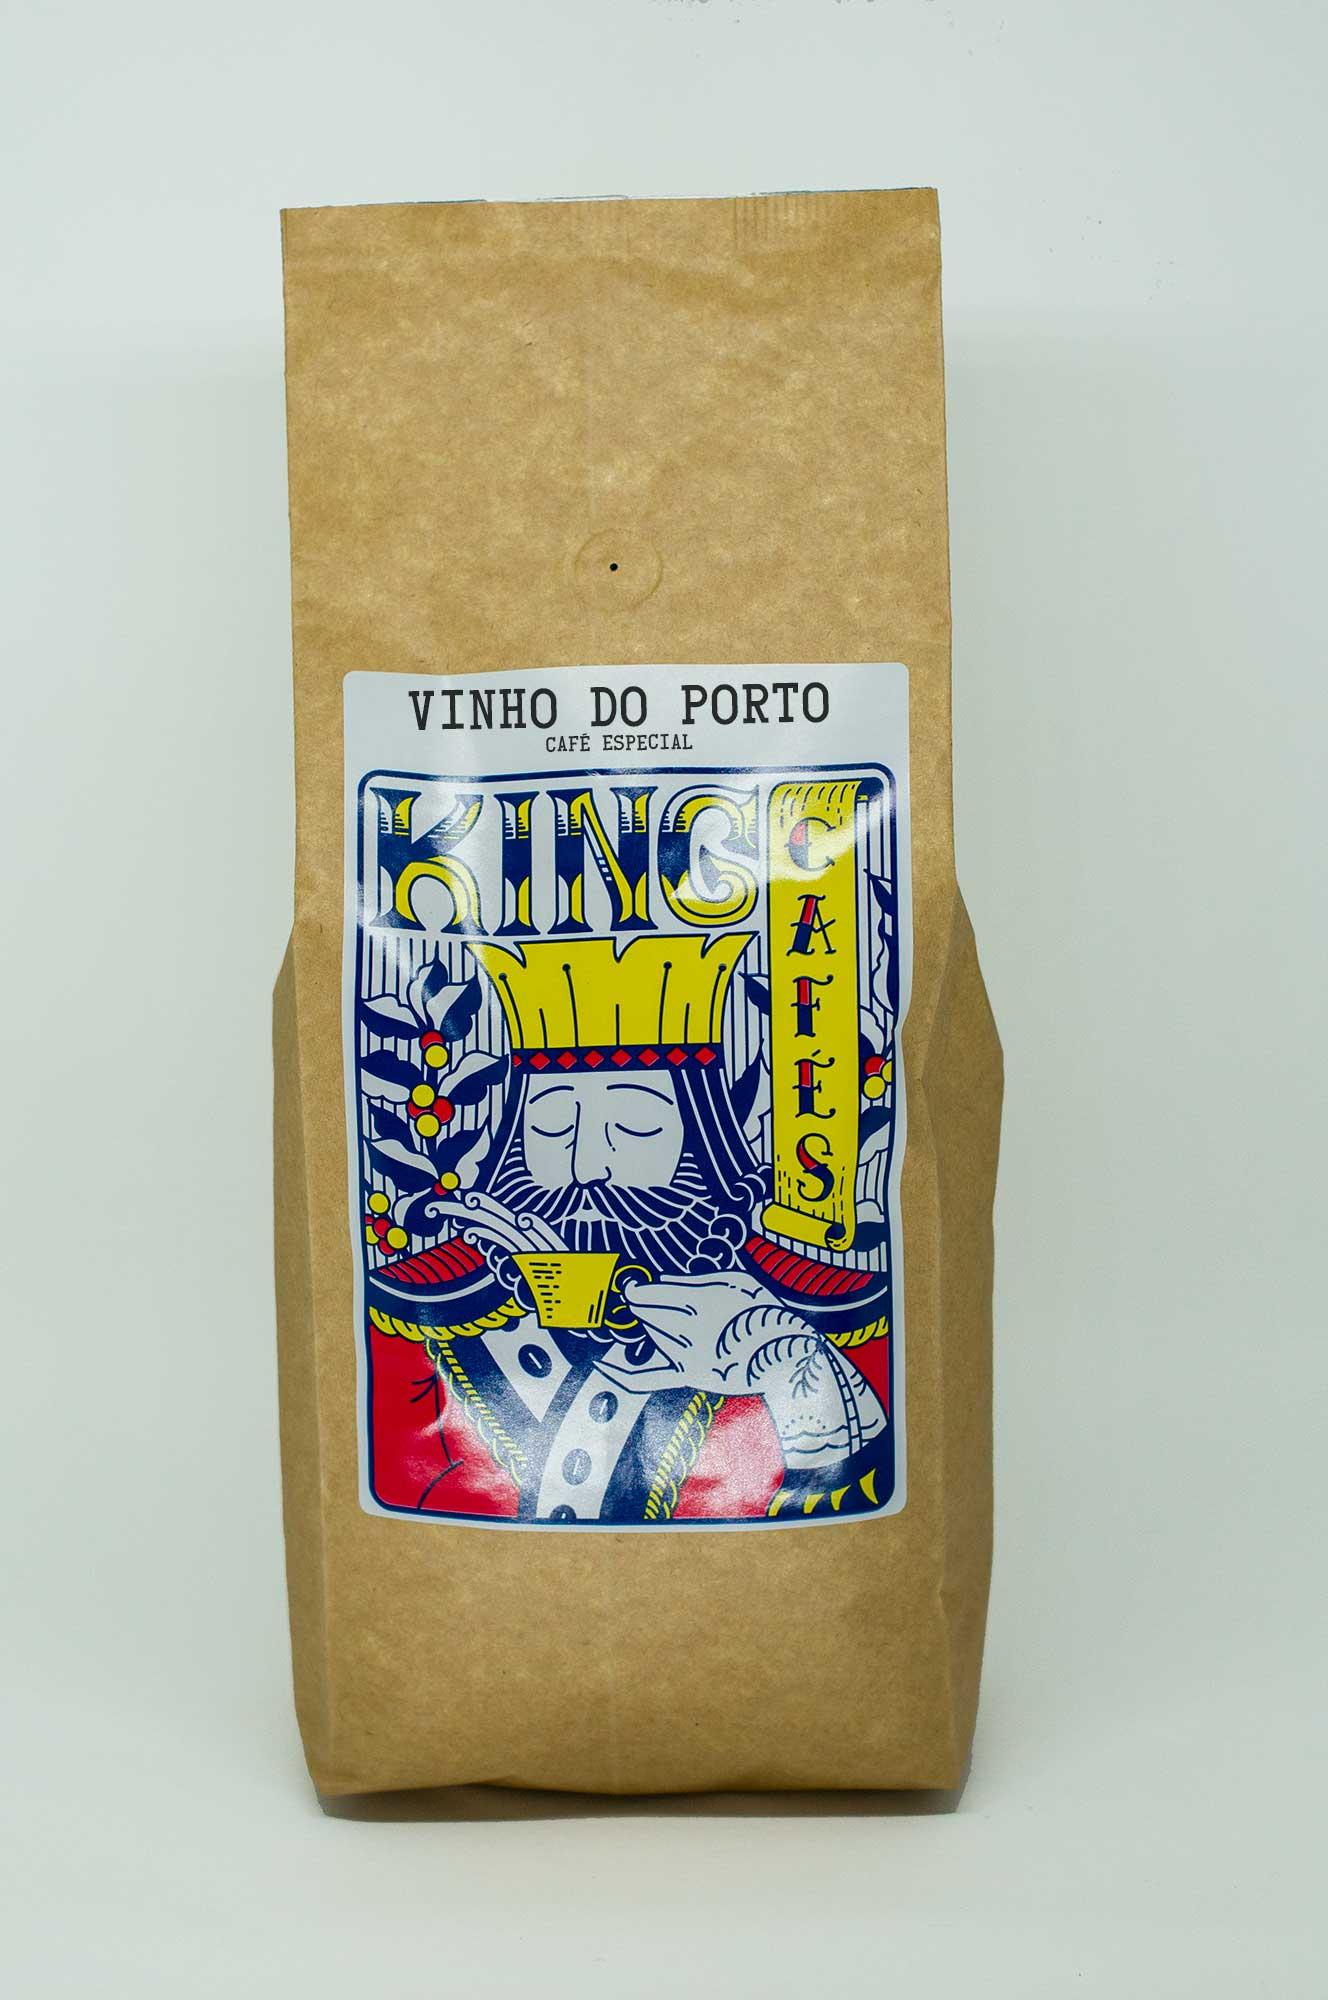 Café Especial Vinho do Porto '20 - Pacote com 1 Kg